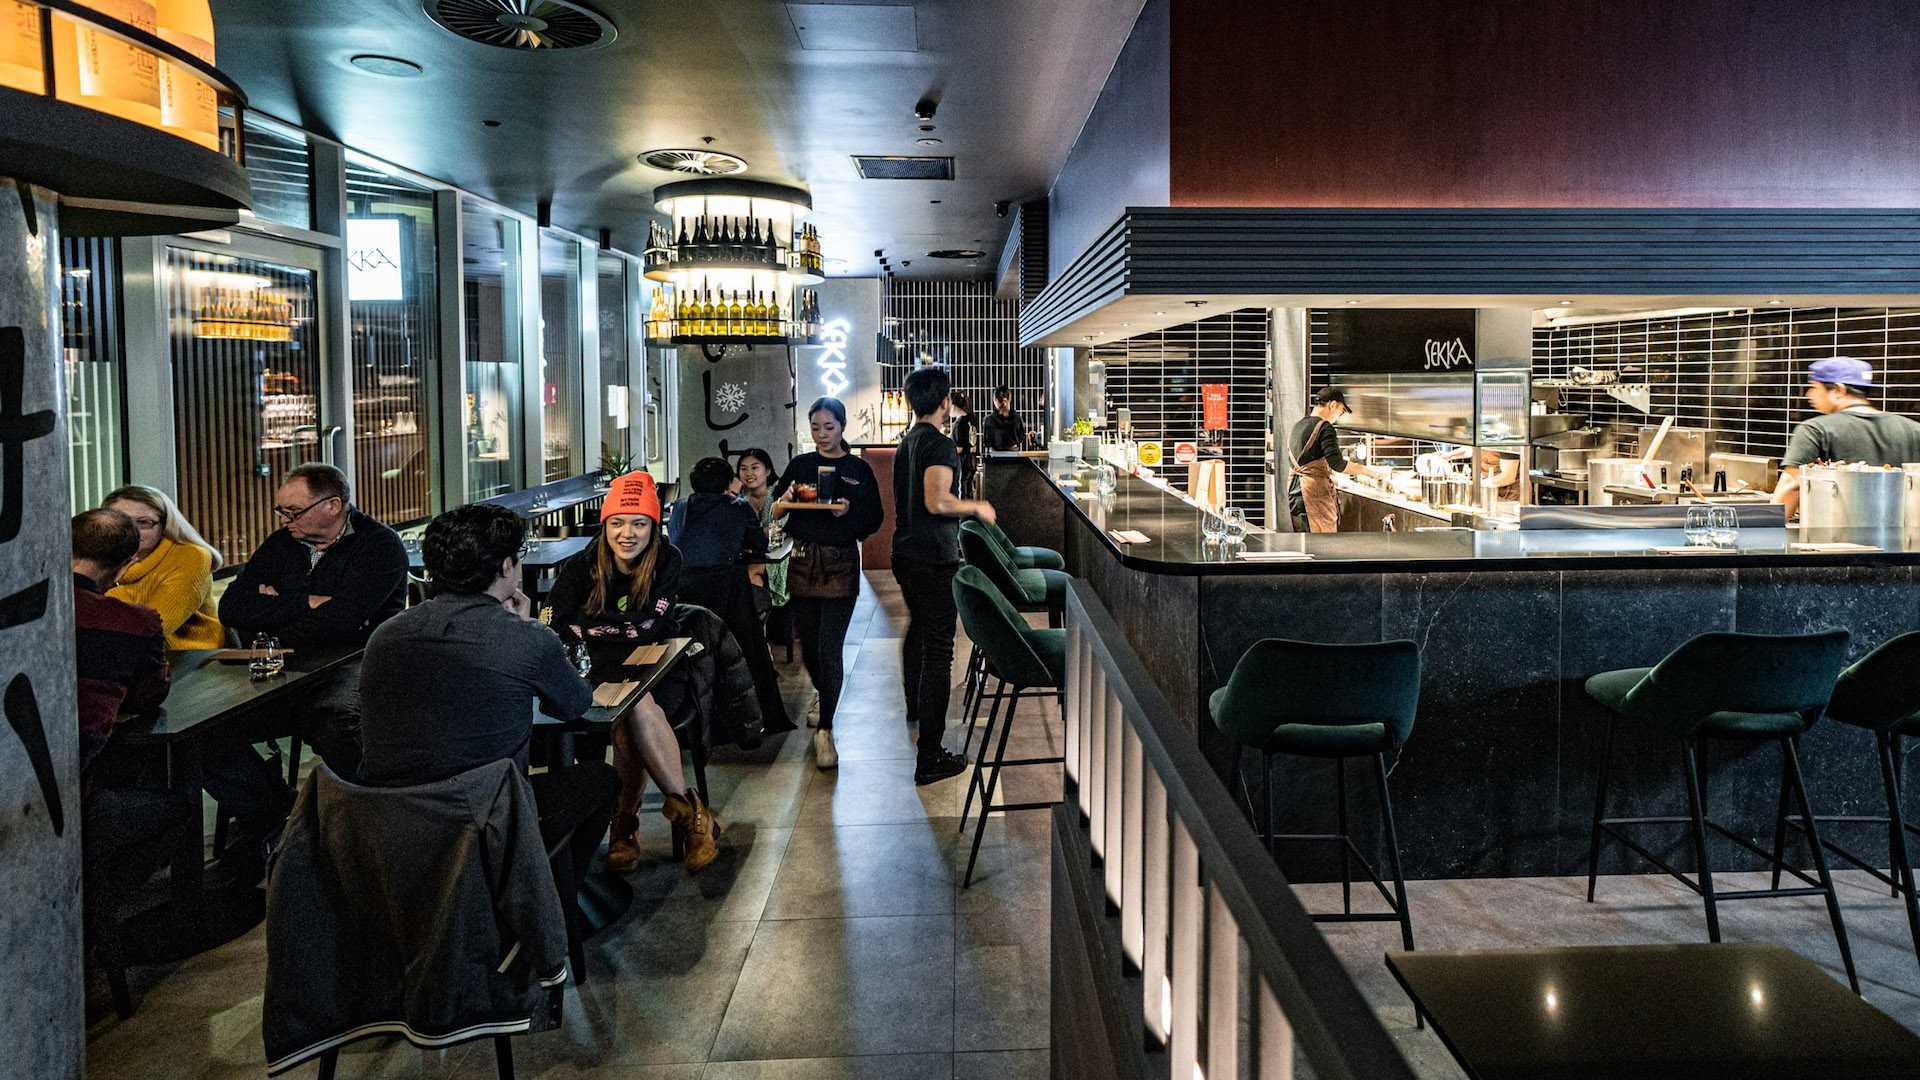 Sekka Dining Is the Lower North Shore's New Izakaya and Ramen Joint from the Ichibandori Team